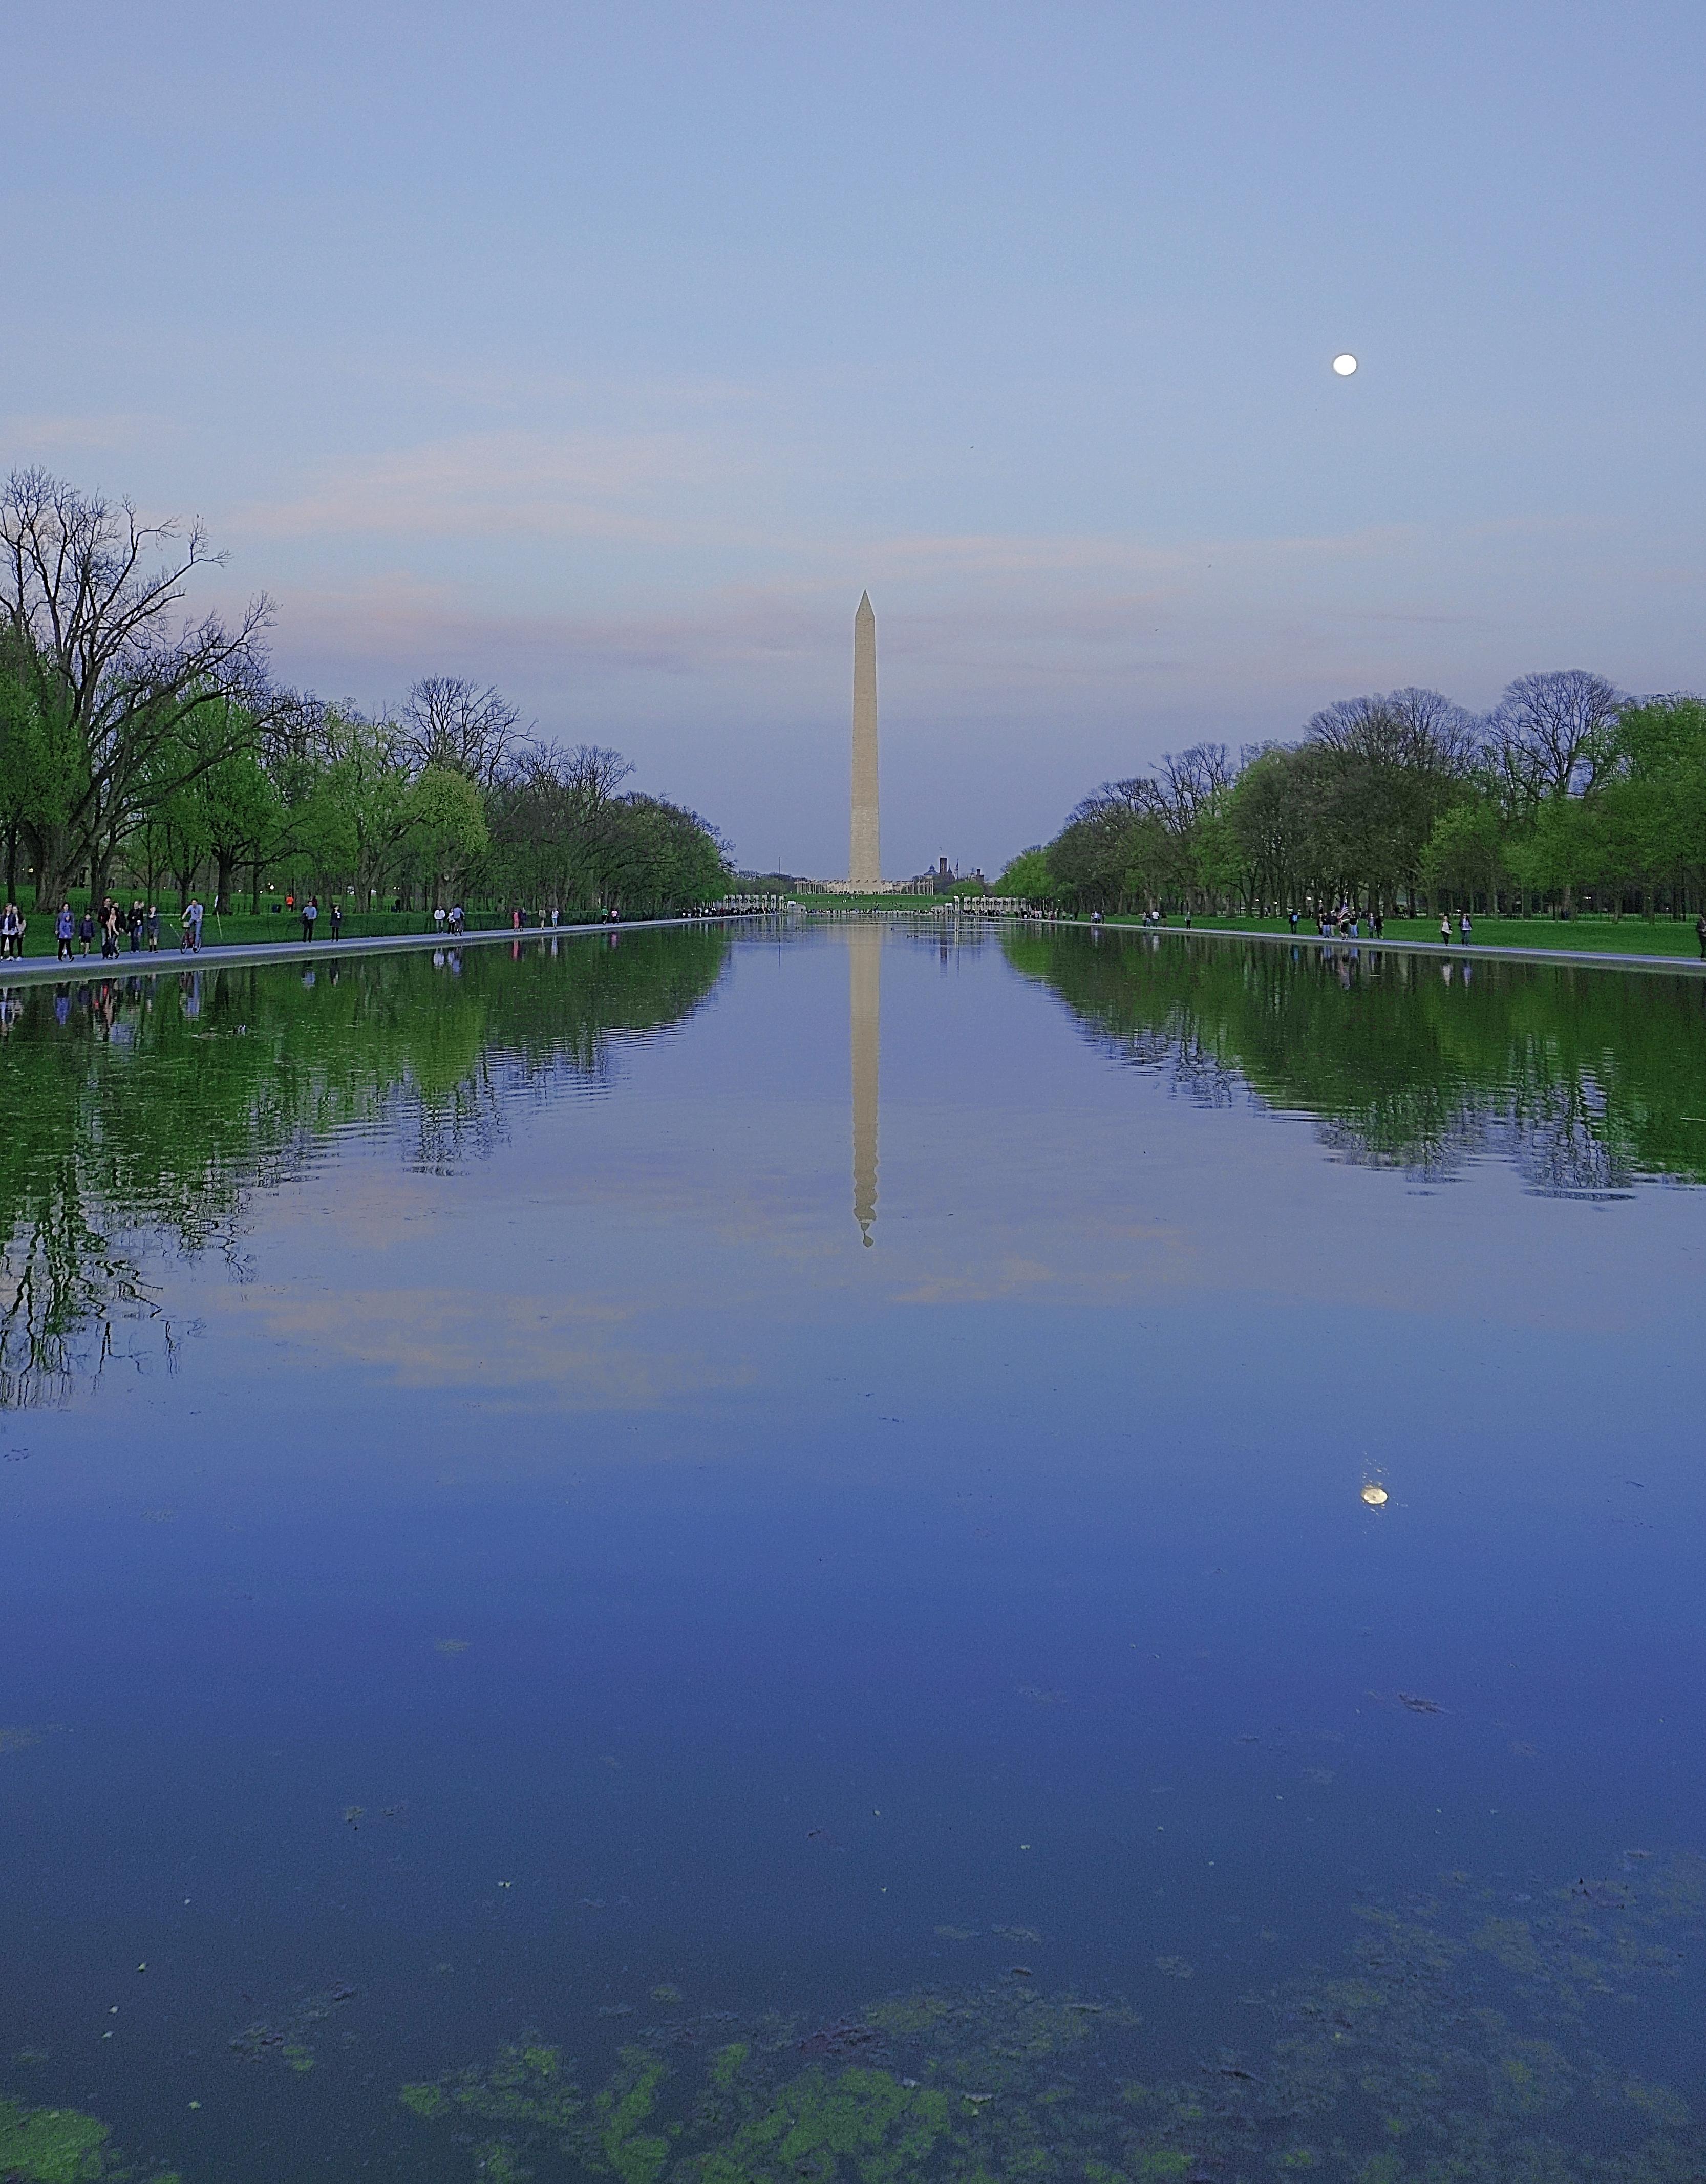 Washington Monument. Washington D.C.